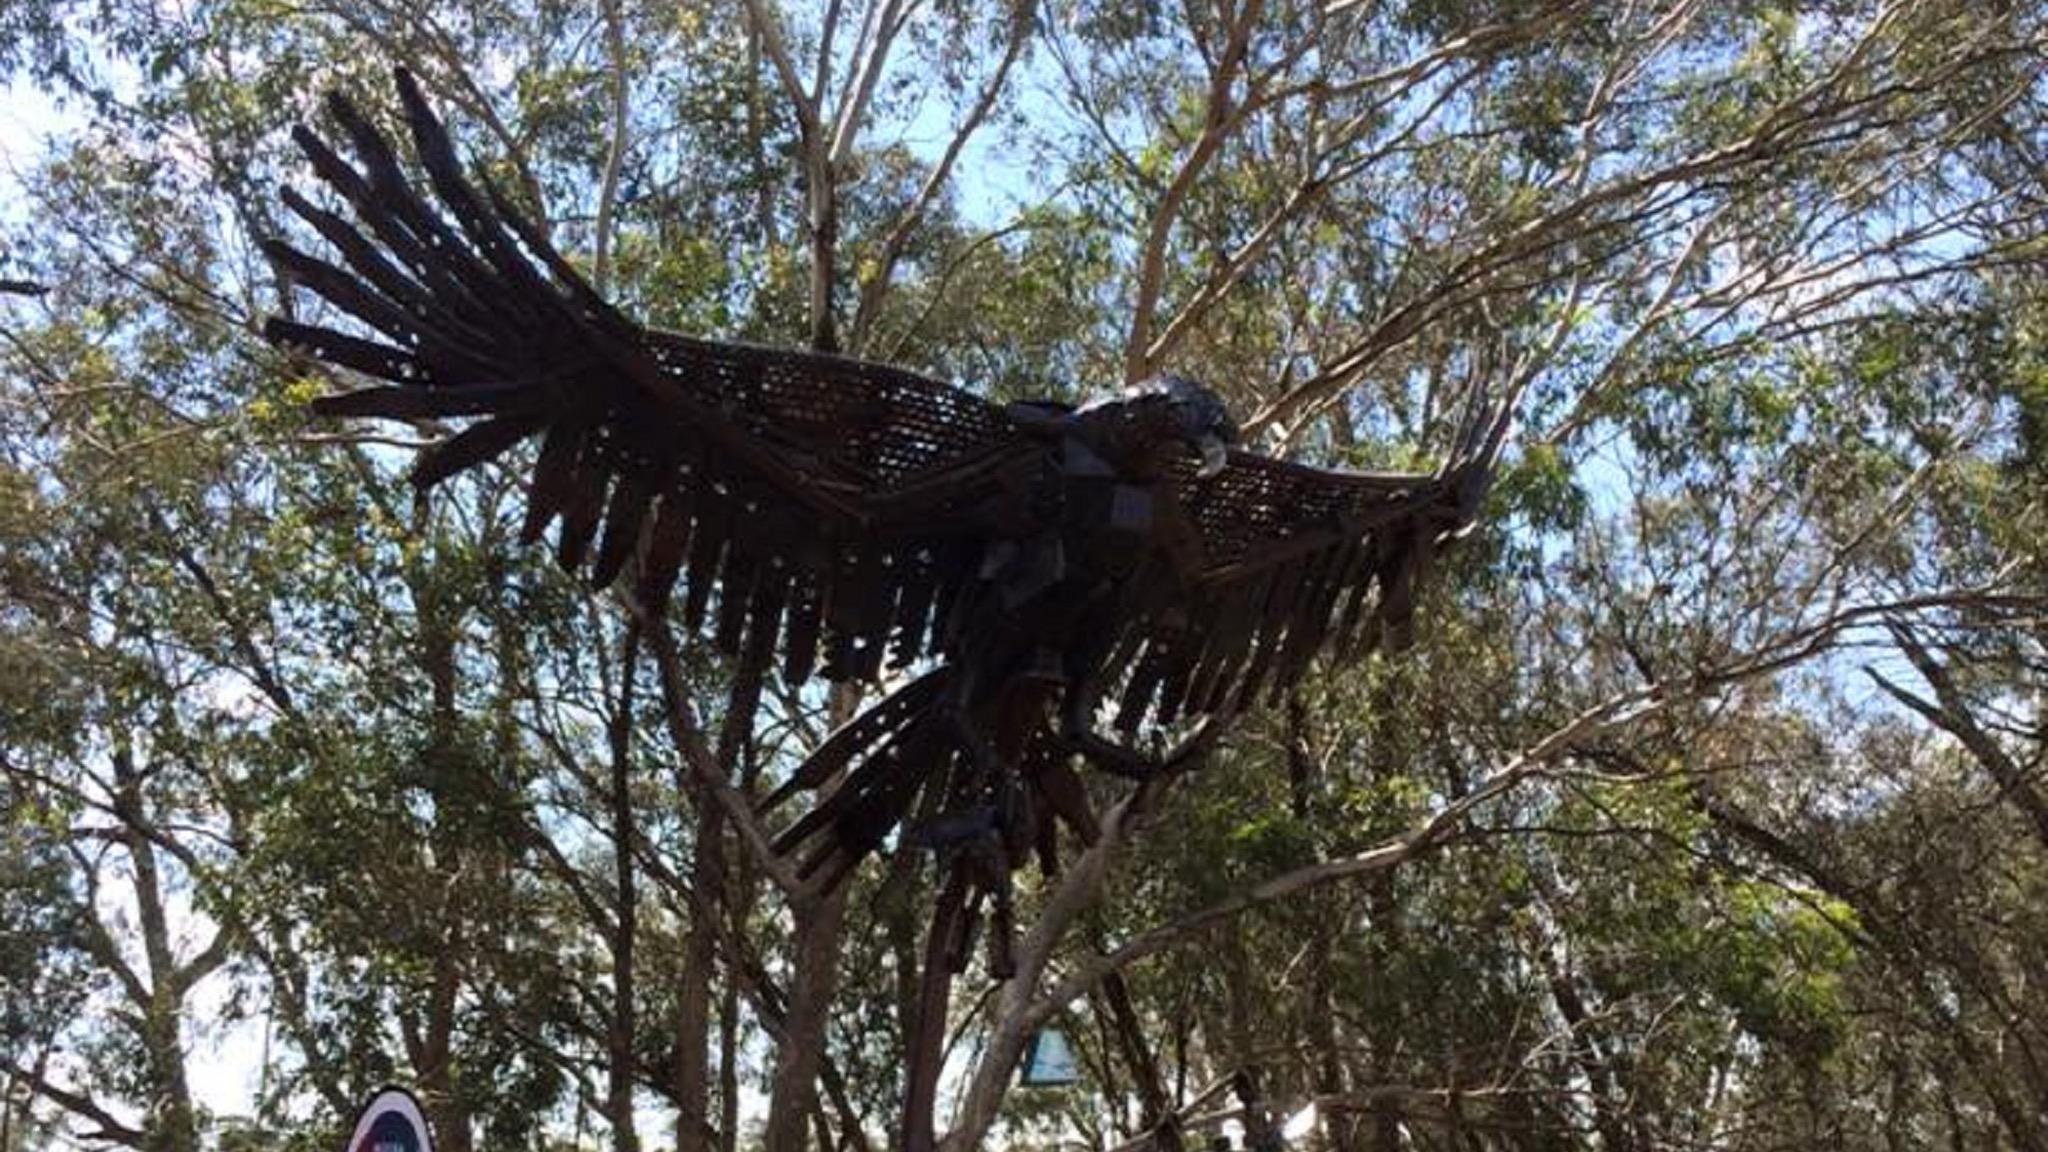 The Eagle at Katamatite